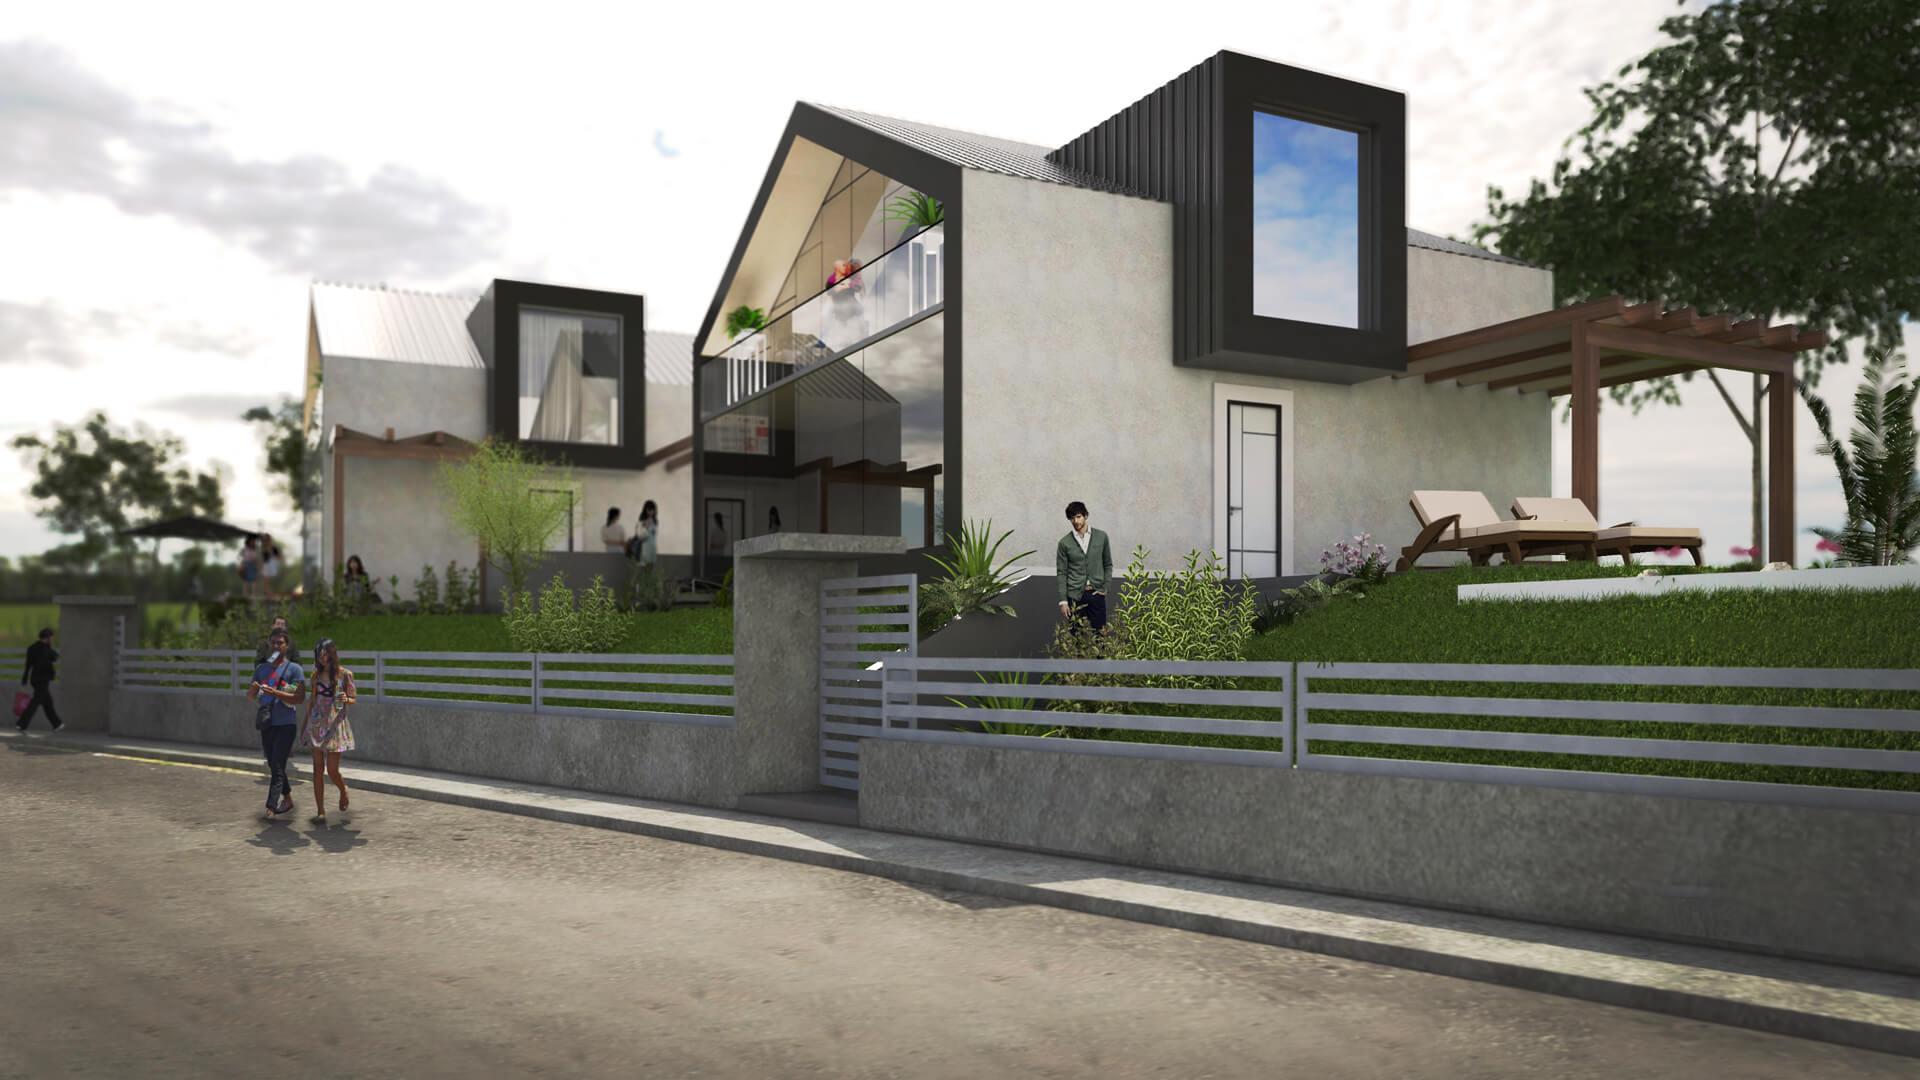 Render villa bifamiliare di nuova realizzazione. Località: San Mauro Torinese (TO)